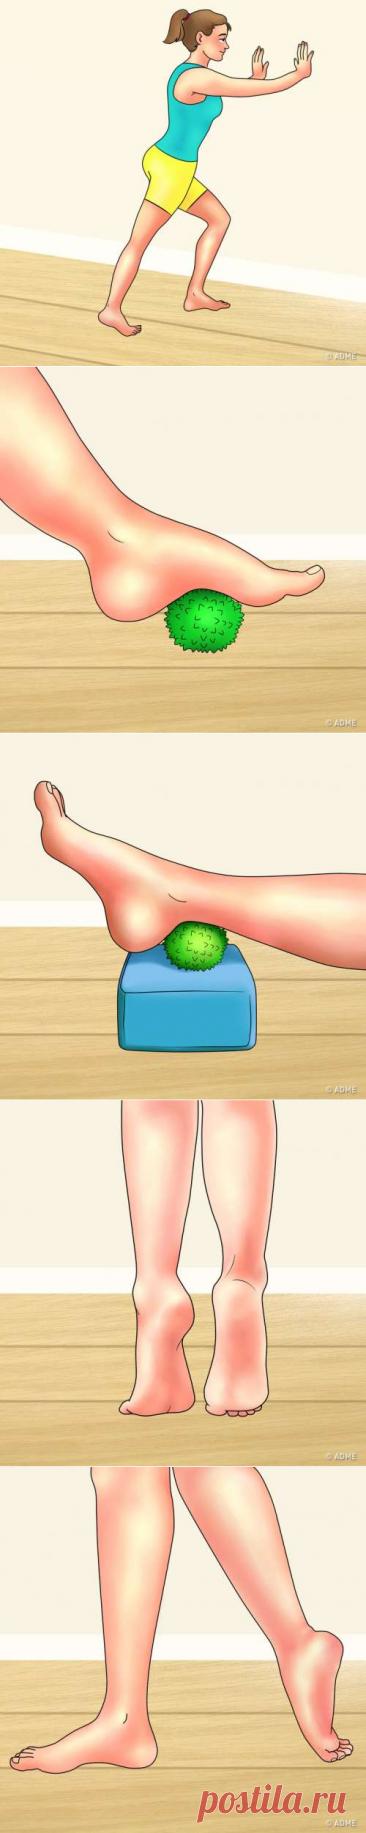 Простые упражнения, которые помогут снять усталость и боль в ногах за считанные минуты — ХОЗЯЮШКА24